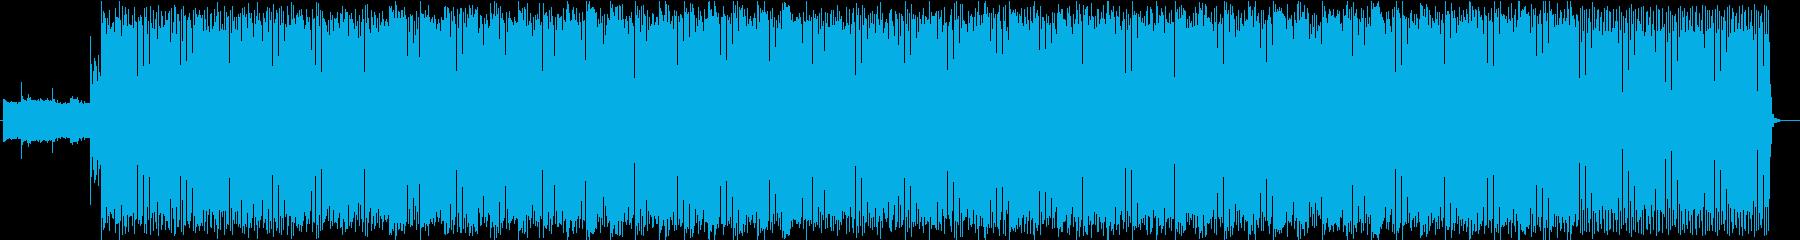 E.ベースをフィーチャーしたテクノ♪の再生済みの波形